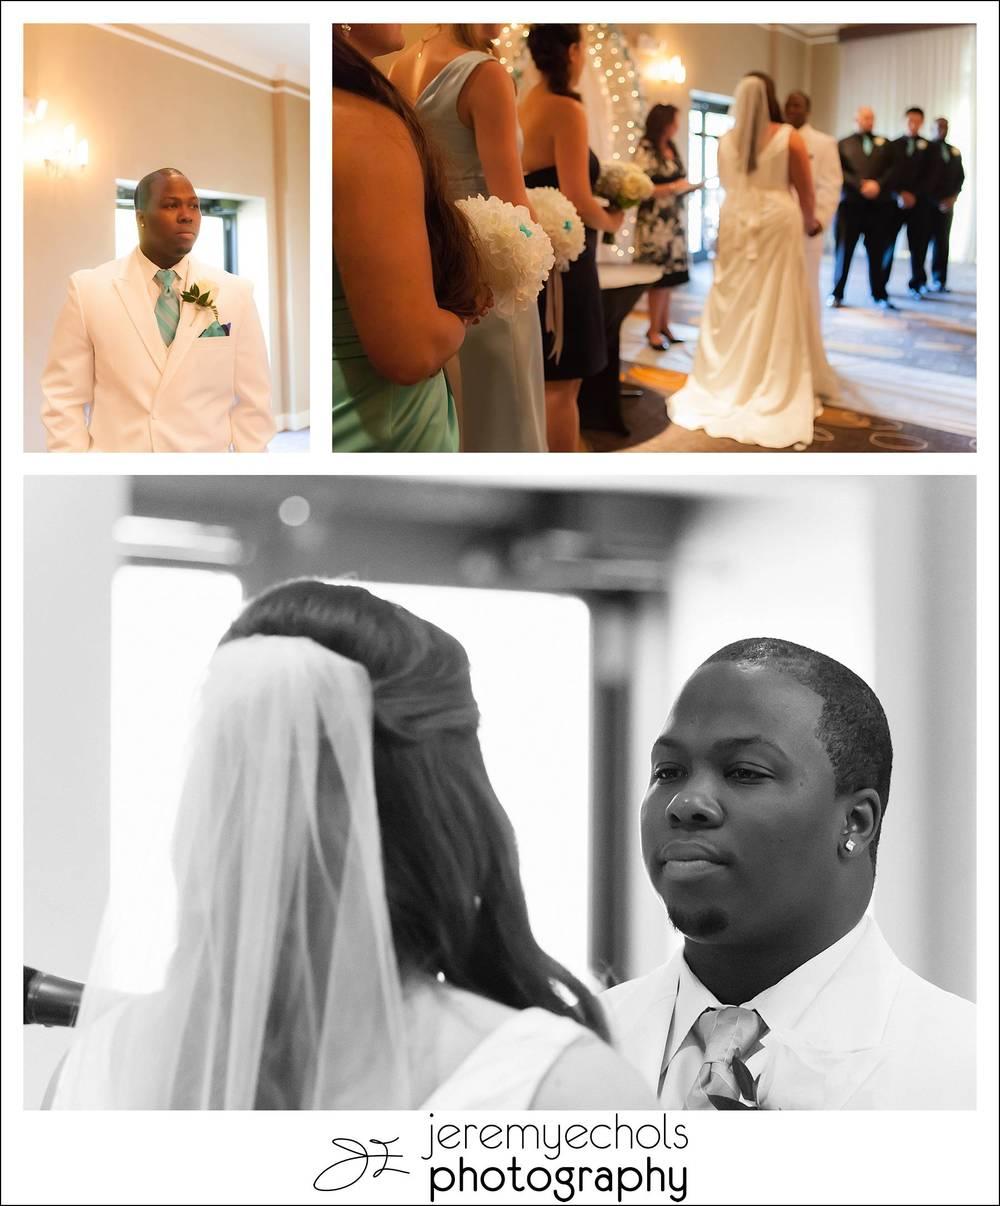 Marcus-Chelsea-Tacoma-Wedding-Photography-462_WEB.jpg